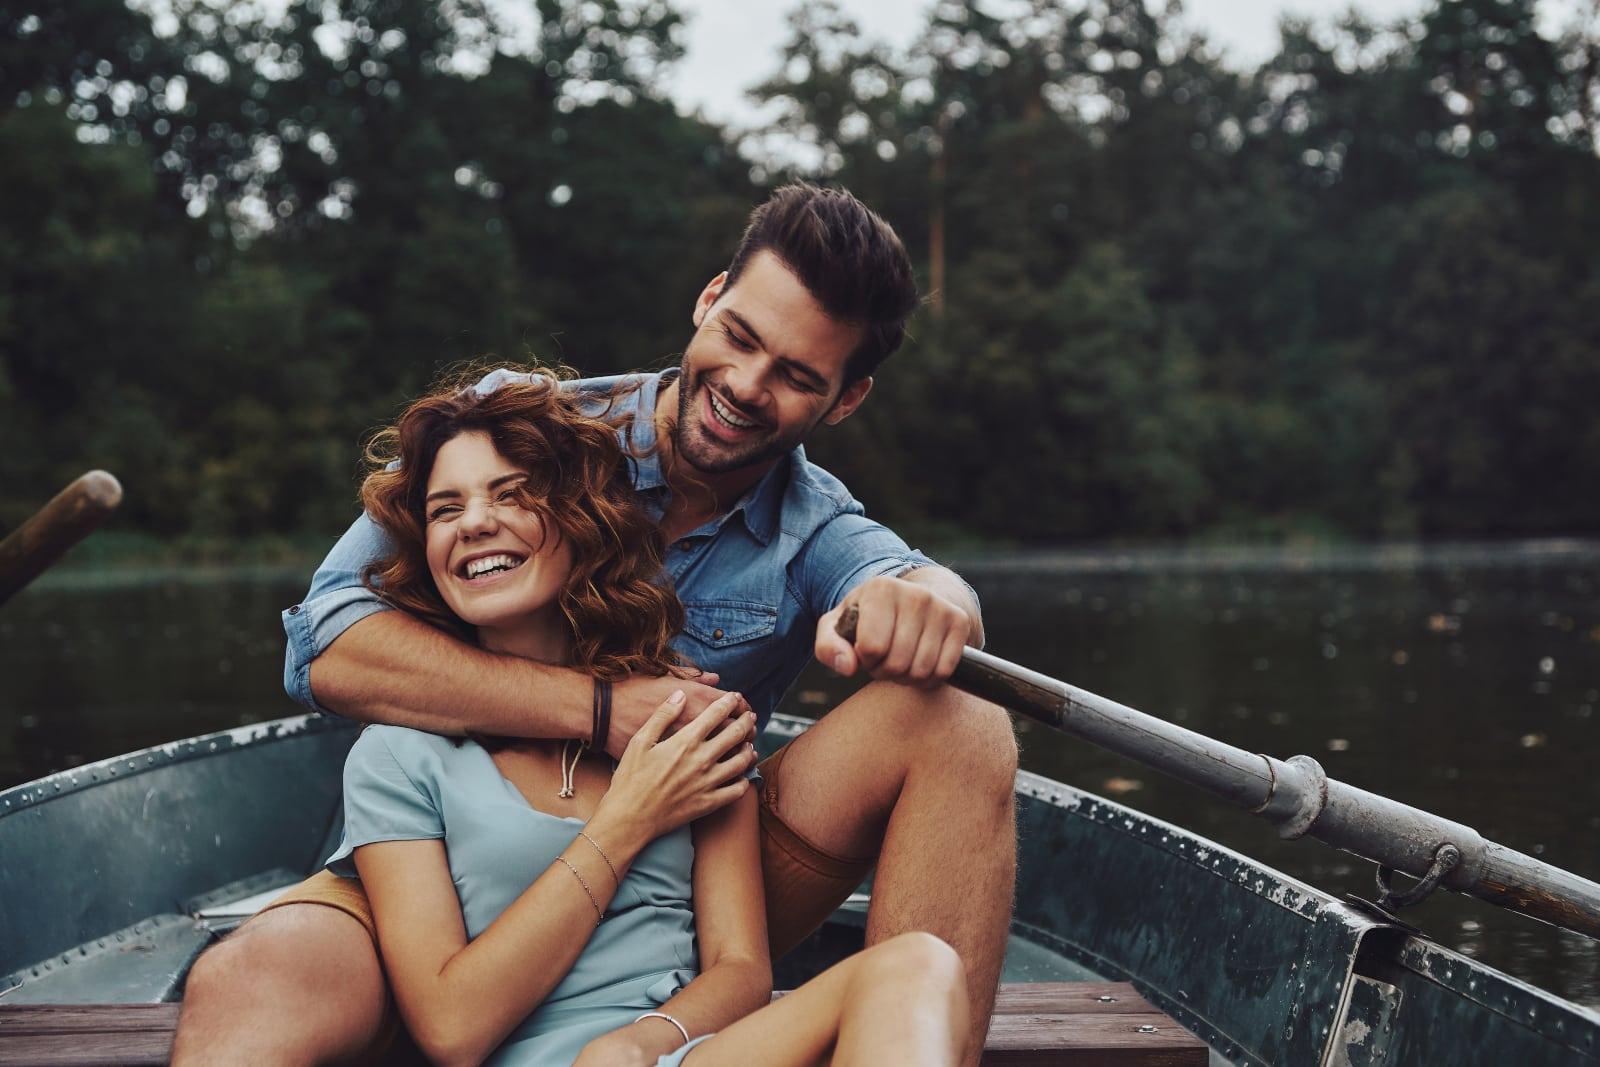 couple enjoy boat ride